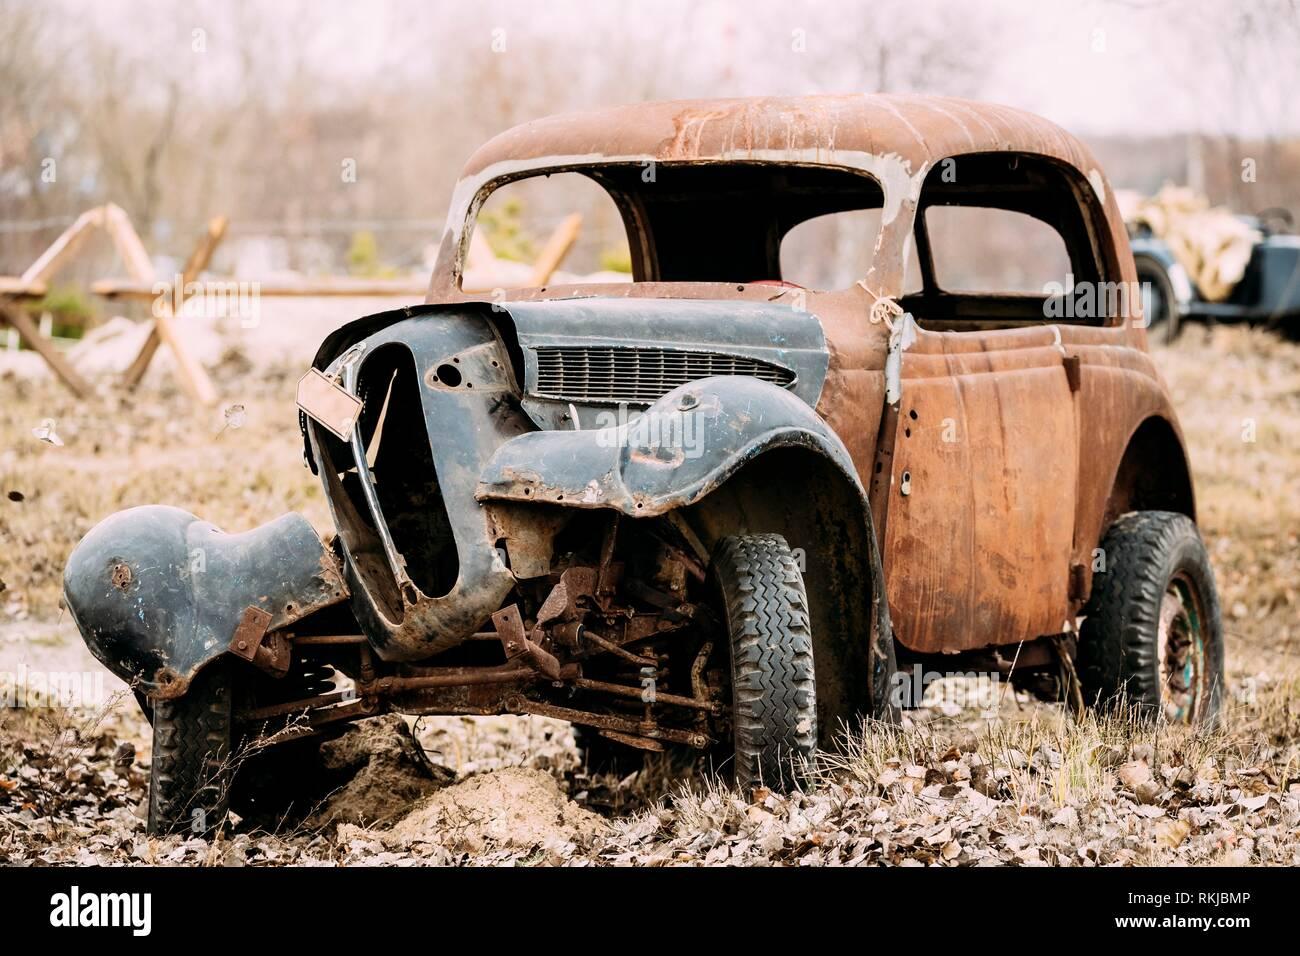 Vieille voiture rouillée s'est écrasé cassé abandonné pendant la Seconde Guerre mondiale est dans un champ d'automne. Banque D'Images